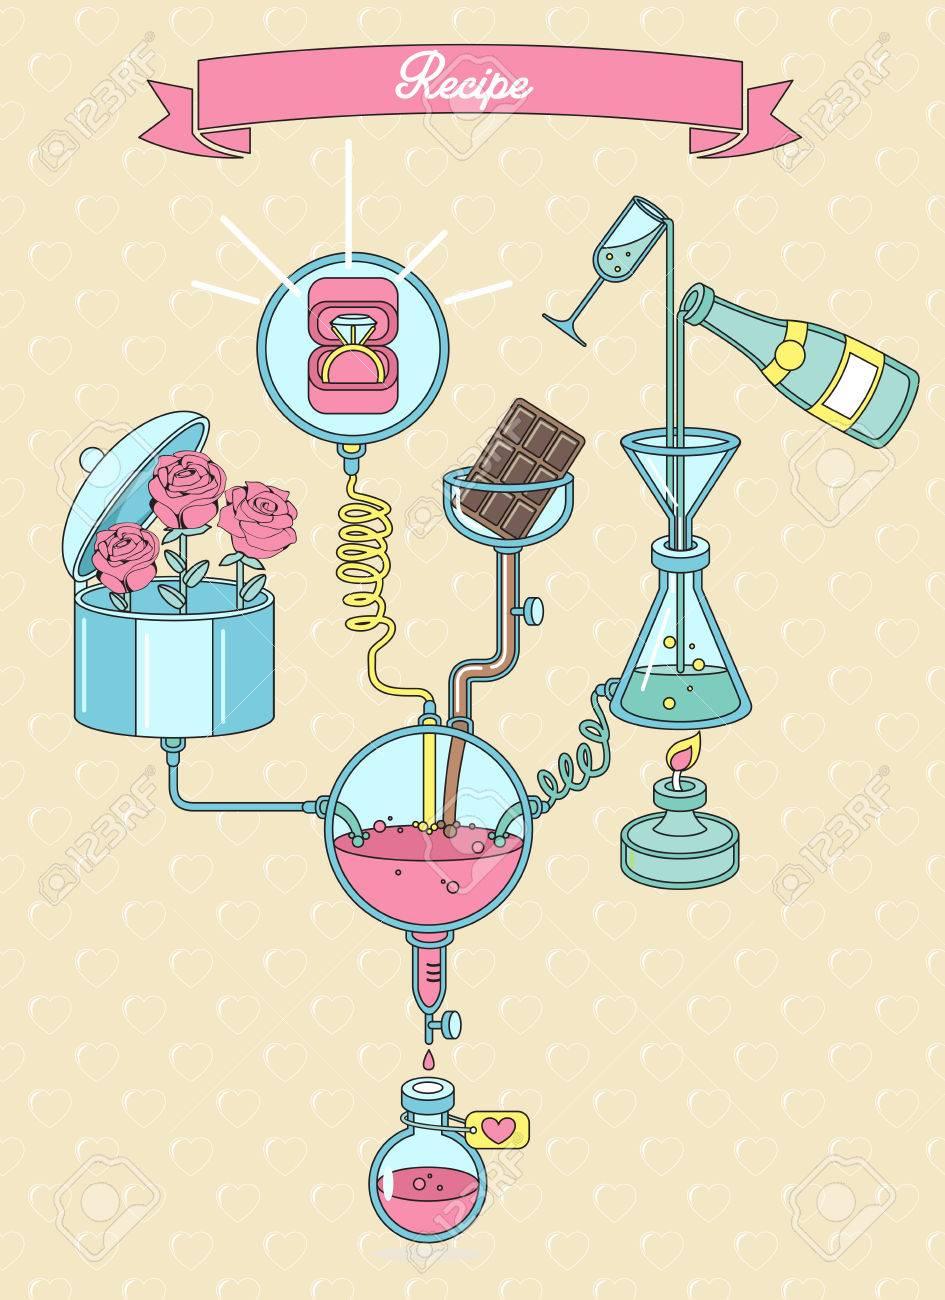 Recept Elixir Van Liefde Schema Dat Het Proces Van De Geneeskunde